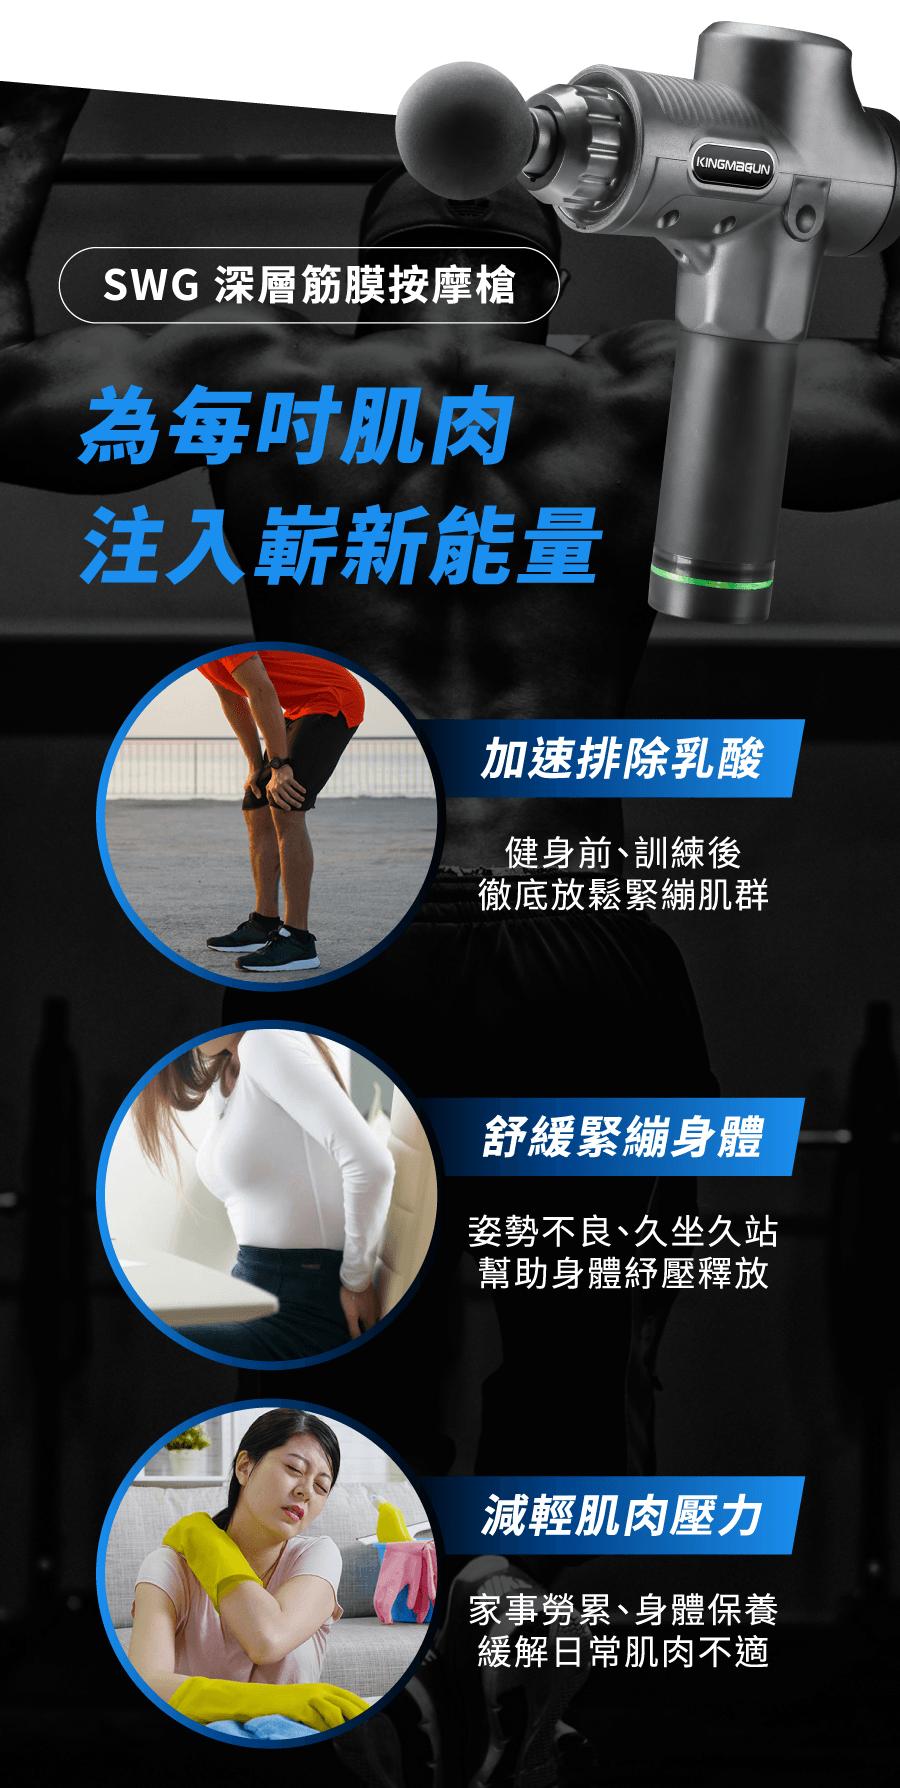 【SWG】筋膜按摩槍 (保固一年/BSMI認證/送八顆按摩頭/送收納盒) 11